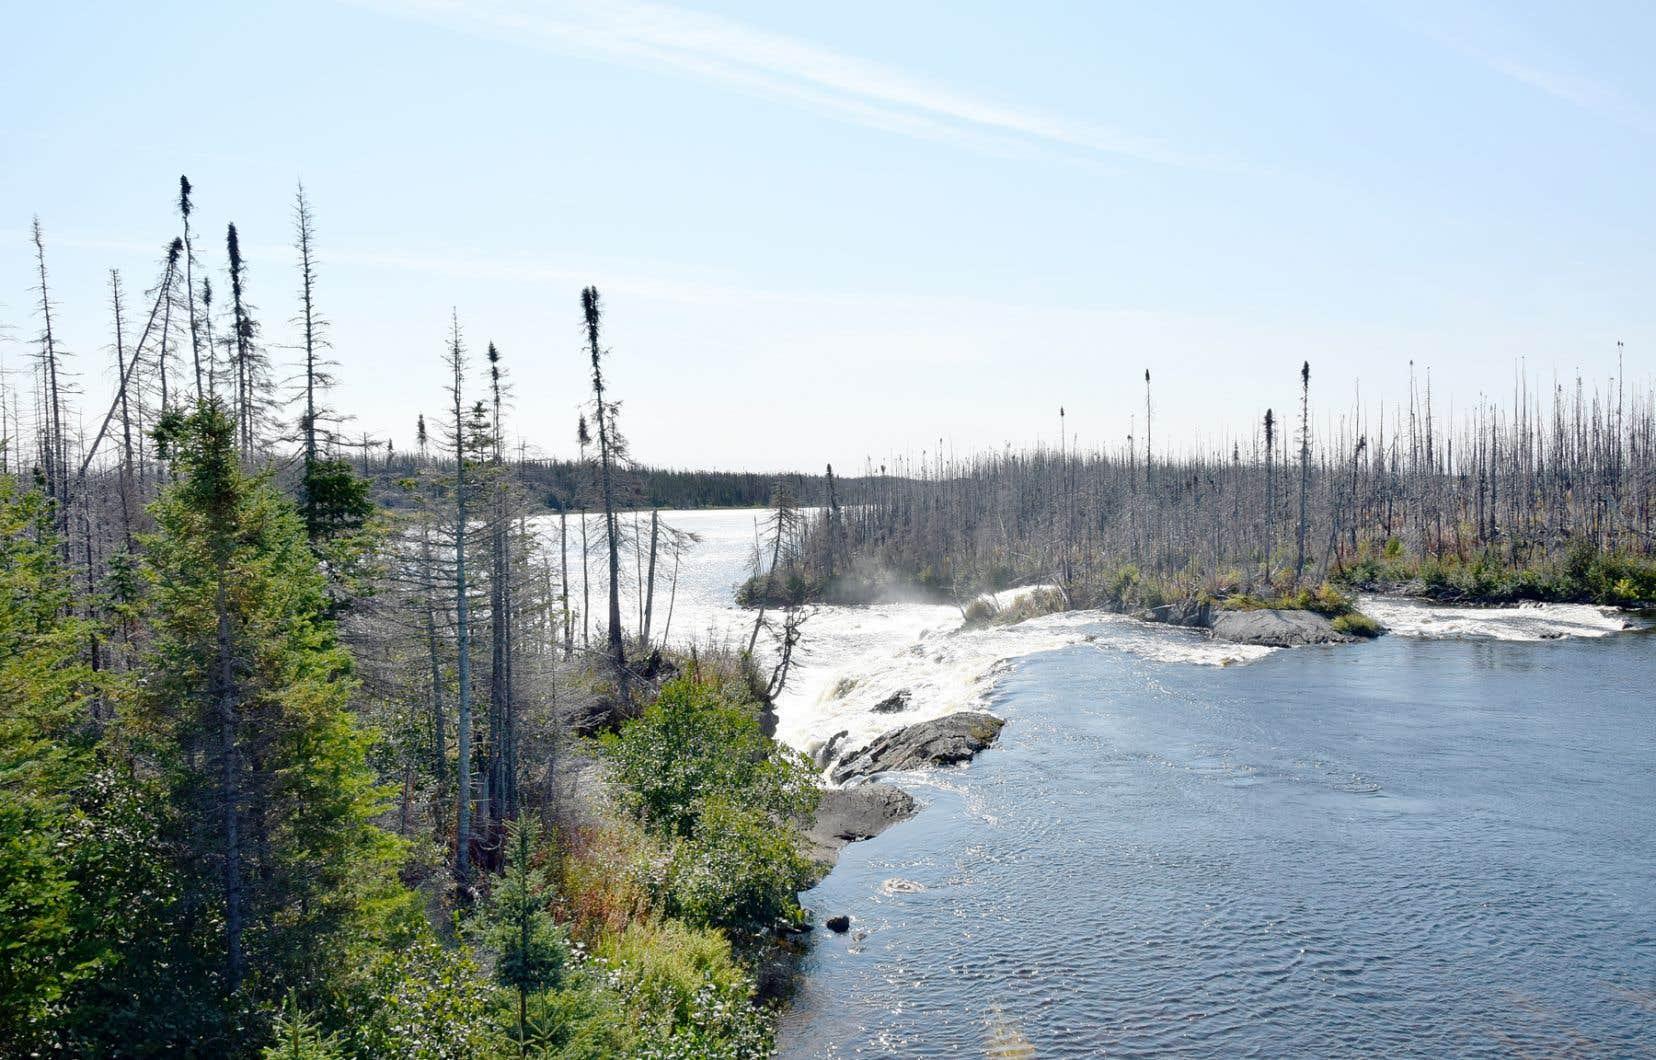 Cascades comme l'expédition Hubbard en a franchi de nombreuses. Ici, rivière Watshishou, qui prend sa source dans le Moyen Nord québécois.